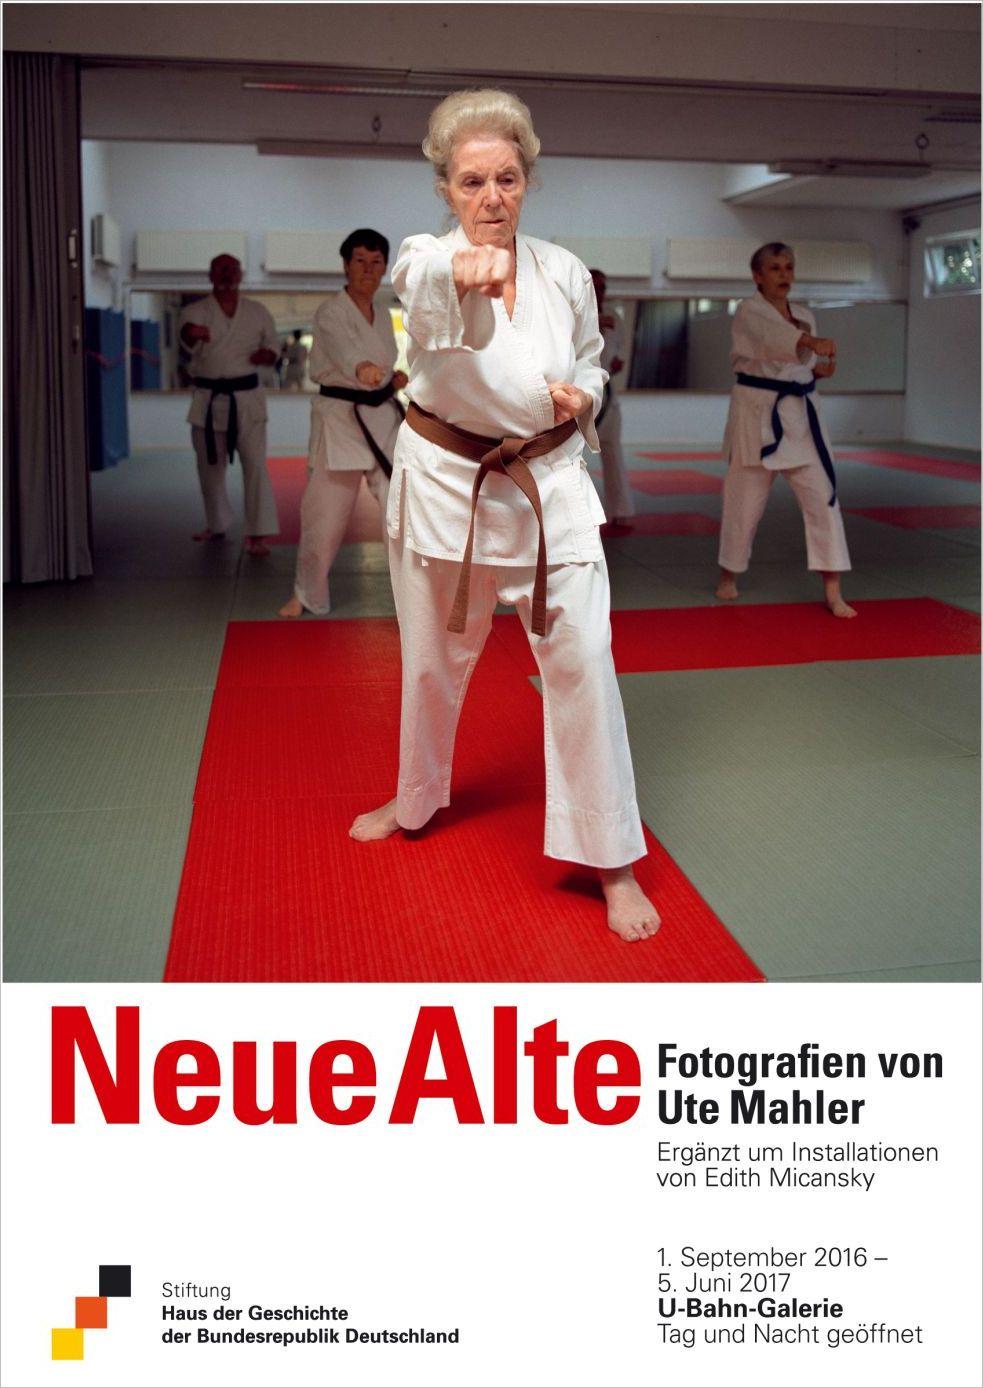 Eine alte Frau steht im weißen Karateanzug in einem großen Raum auf einer roten Matte, um die Hüfte hat sie einen braunen Textilgürtel geknotet. Hinter ihr drei weitere Menschen in gleicher Kleidung und Position